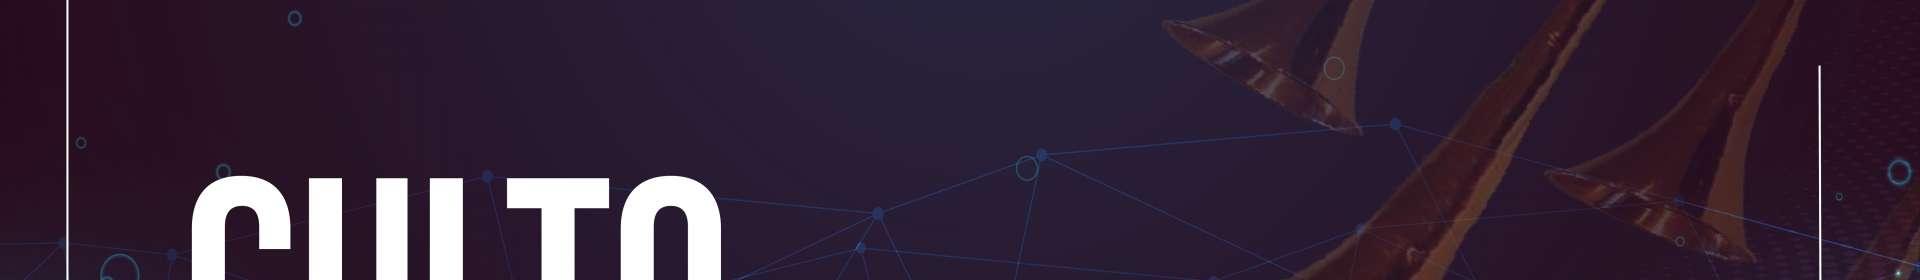 Culto via satélite exibido em 09/02/2020